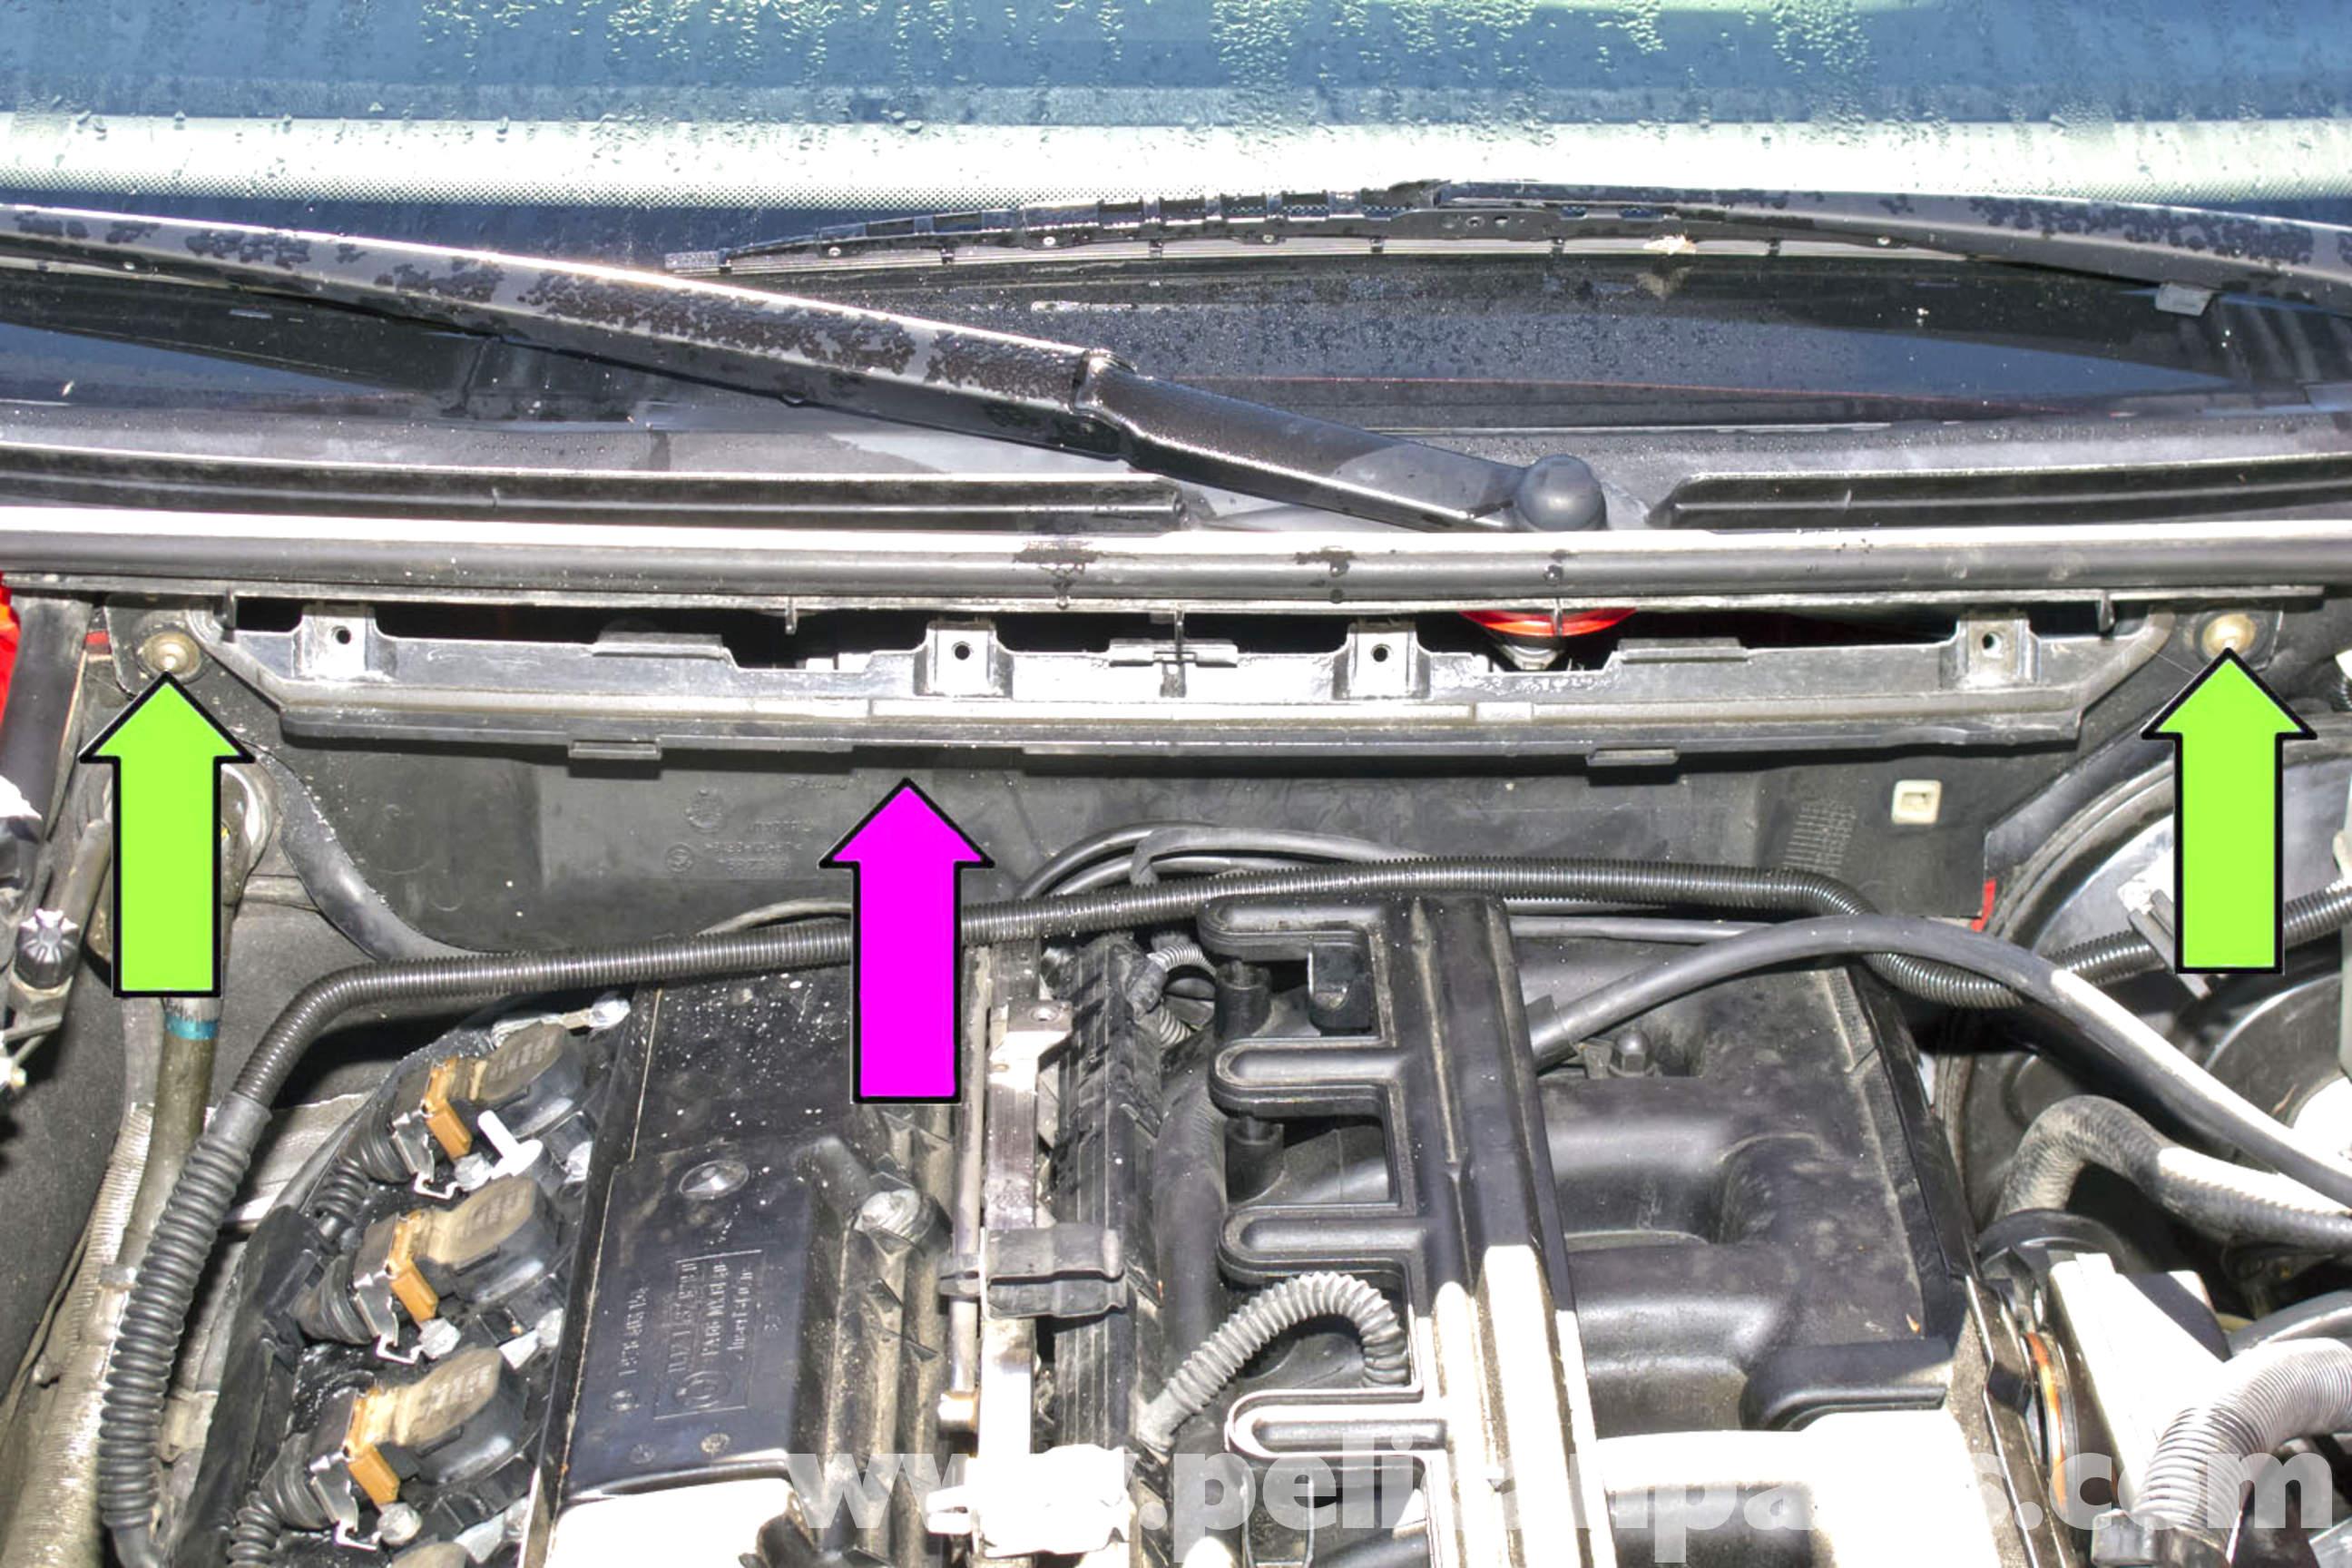 2001 bmw 325xi engine schematics wiring diagram2001 bmw 325xi engine schematics